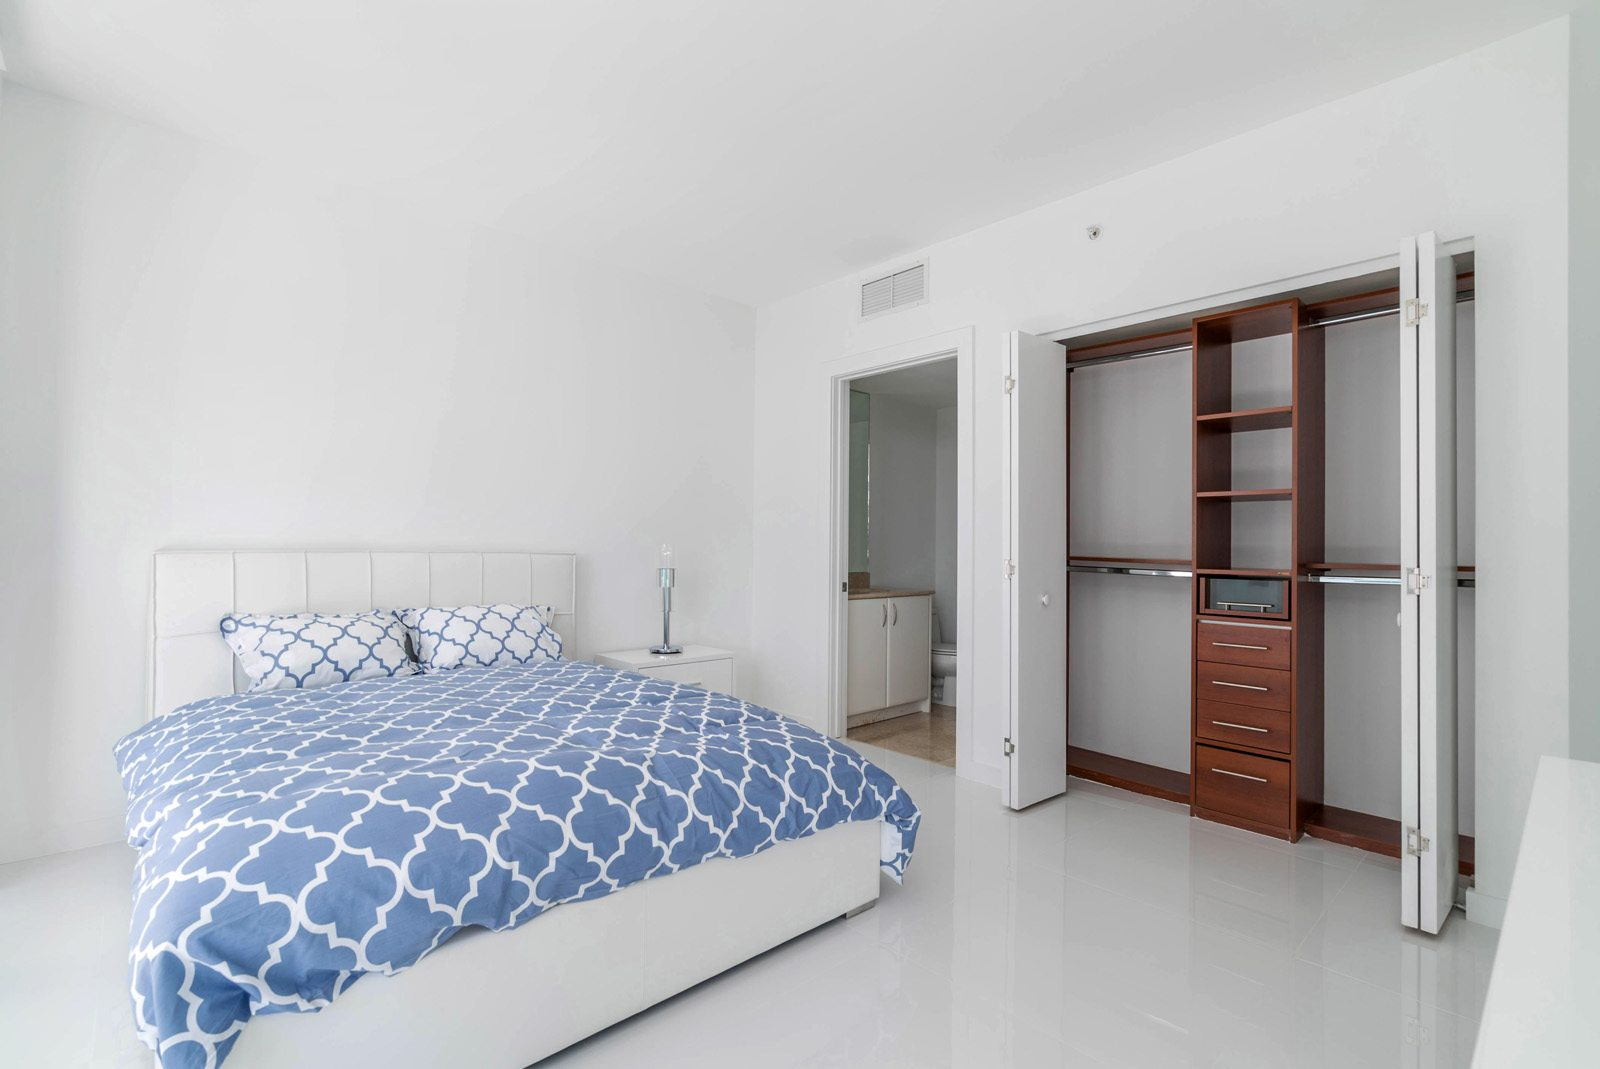 furnished second bedroom